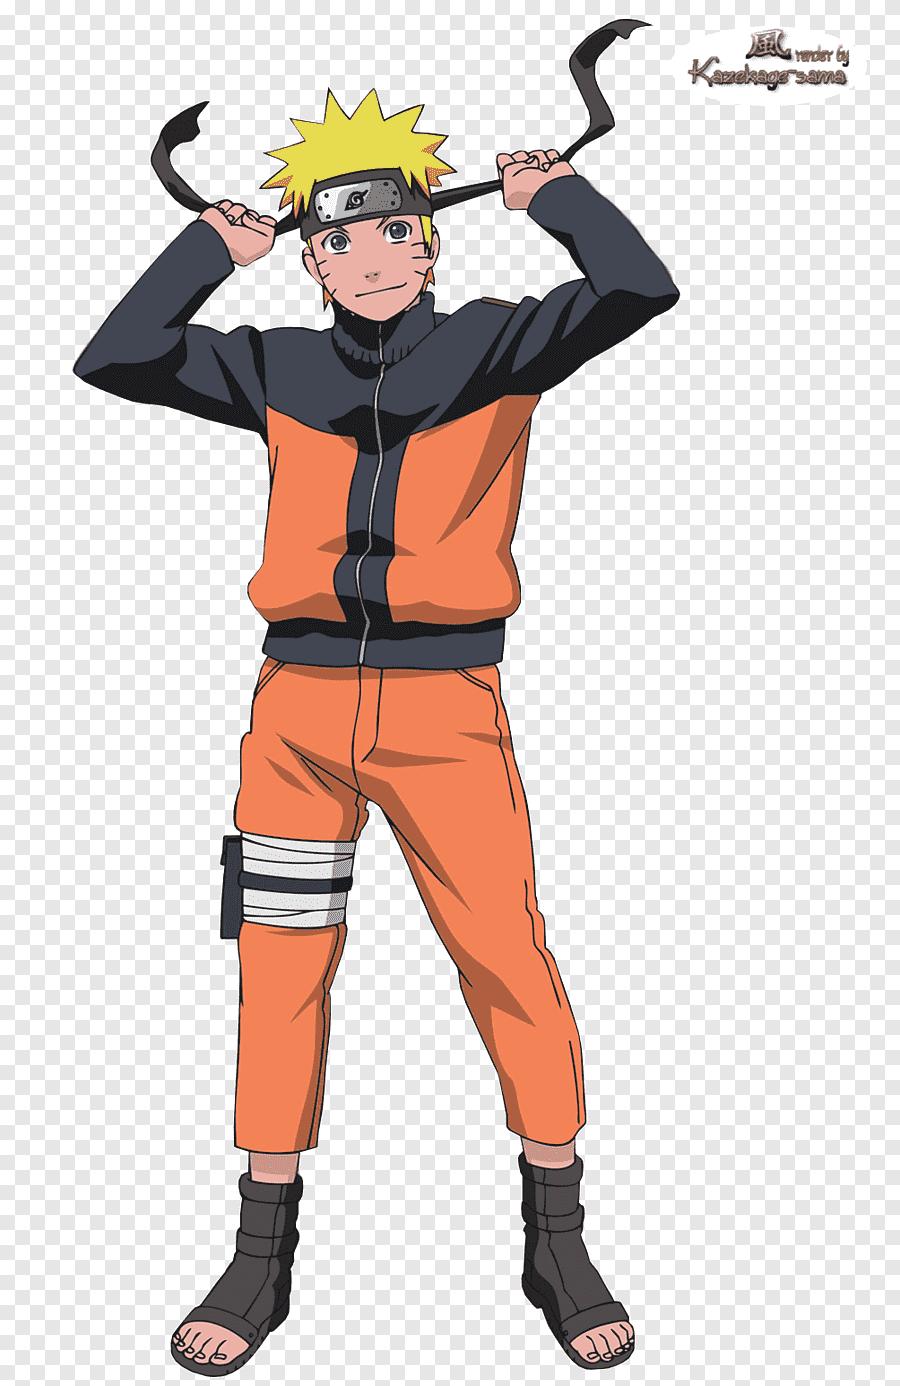 Uzumaki Naruto png